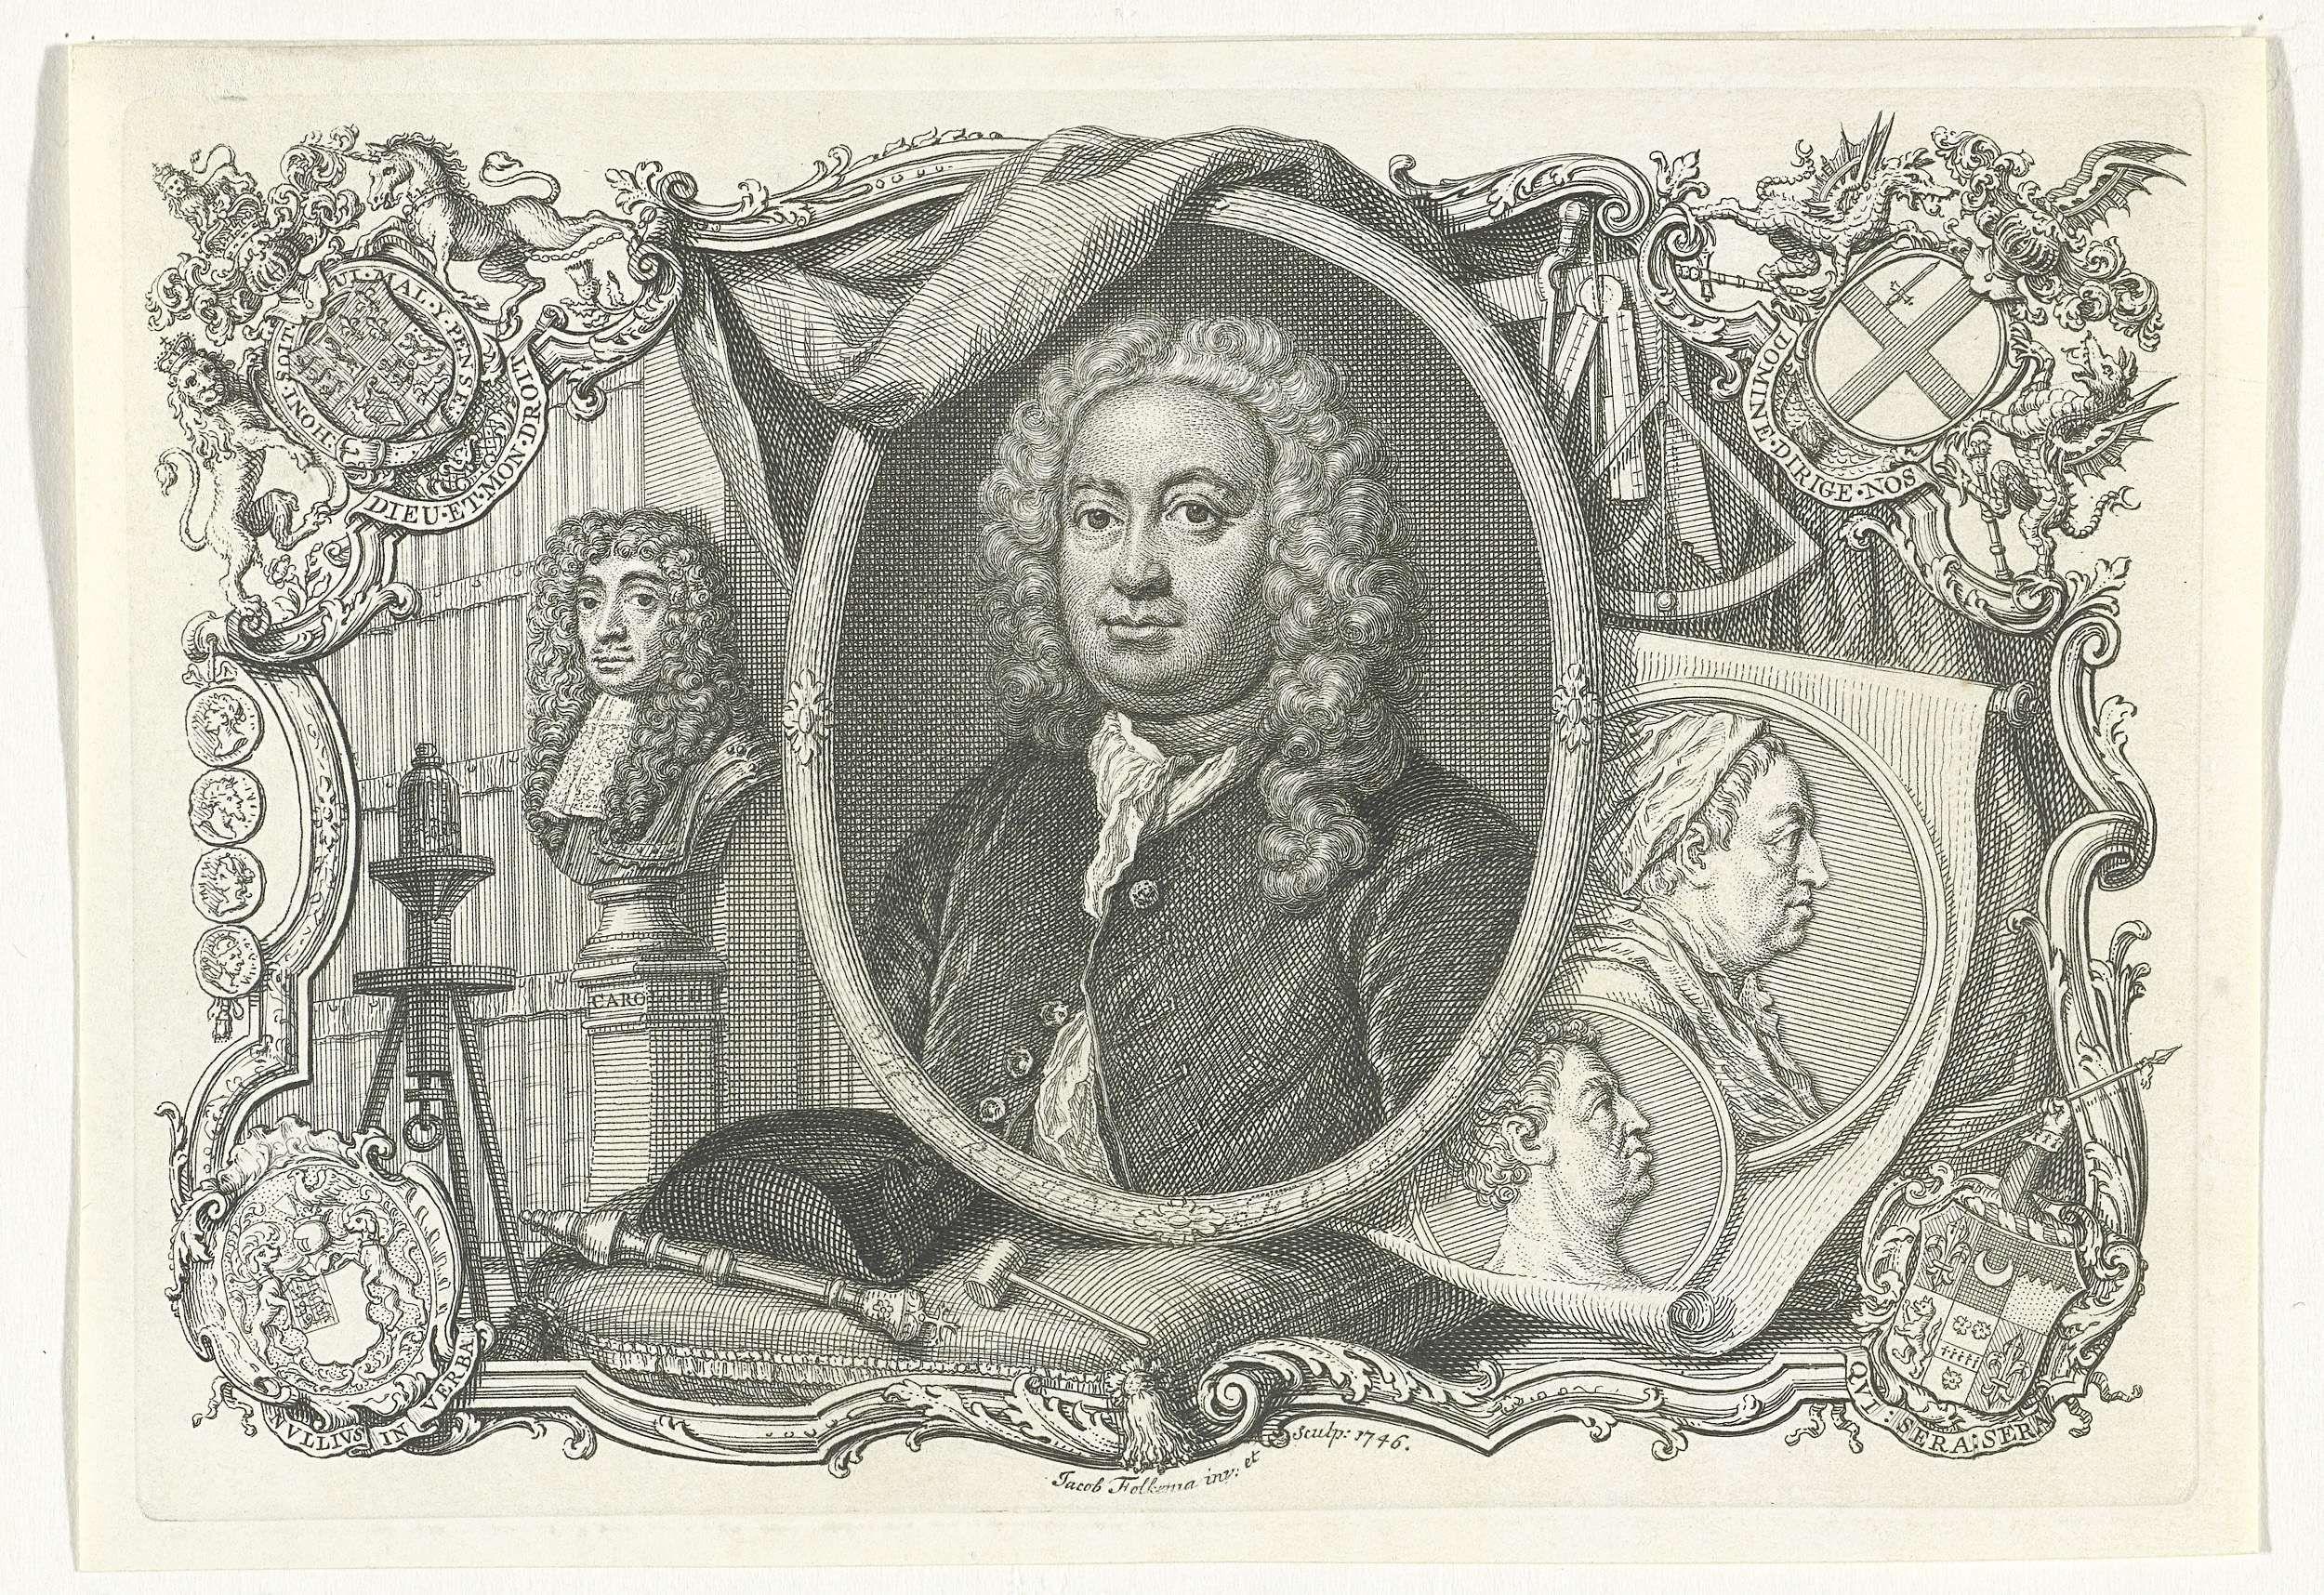 Jacob Folkema | Portret van Martin Folkes, Jacob Folkema, 1746 | Portretbuste in ovaal naar links van de Engelse oudheidkundige en antiquair Martin Folkes, blootshoofds. De ovale omlijsting staat op een kussen waarop een hoed, hamer en een staf liggen. Rechts van het portret zijn twee medaillons op papier weergegeven met de beeltenis van een man en vrouw, hierboven zijn diverse meetinstrumenten afgebeeld. Links van het portret staat een portretbuste op een pilaar. De voorstelling wordt…